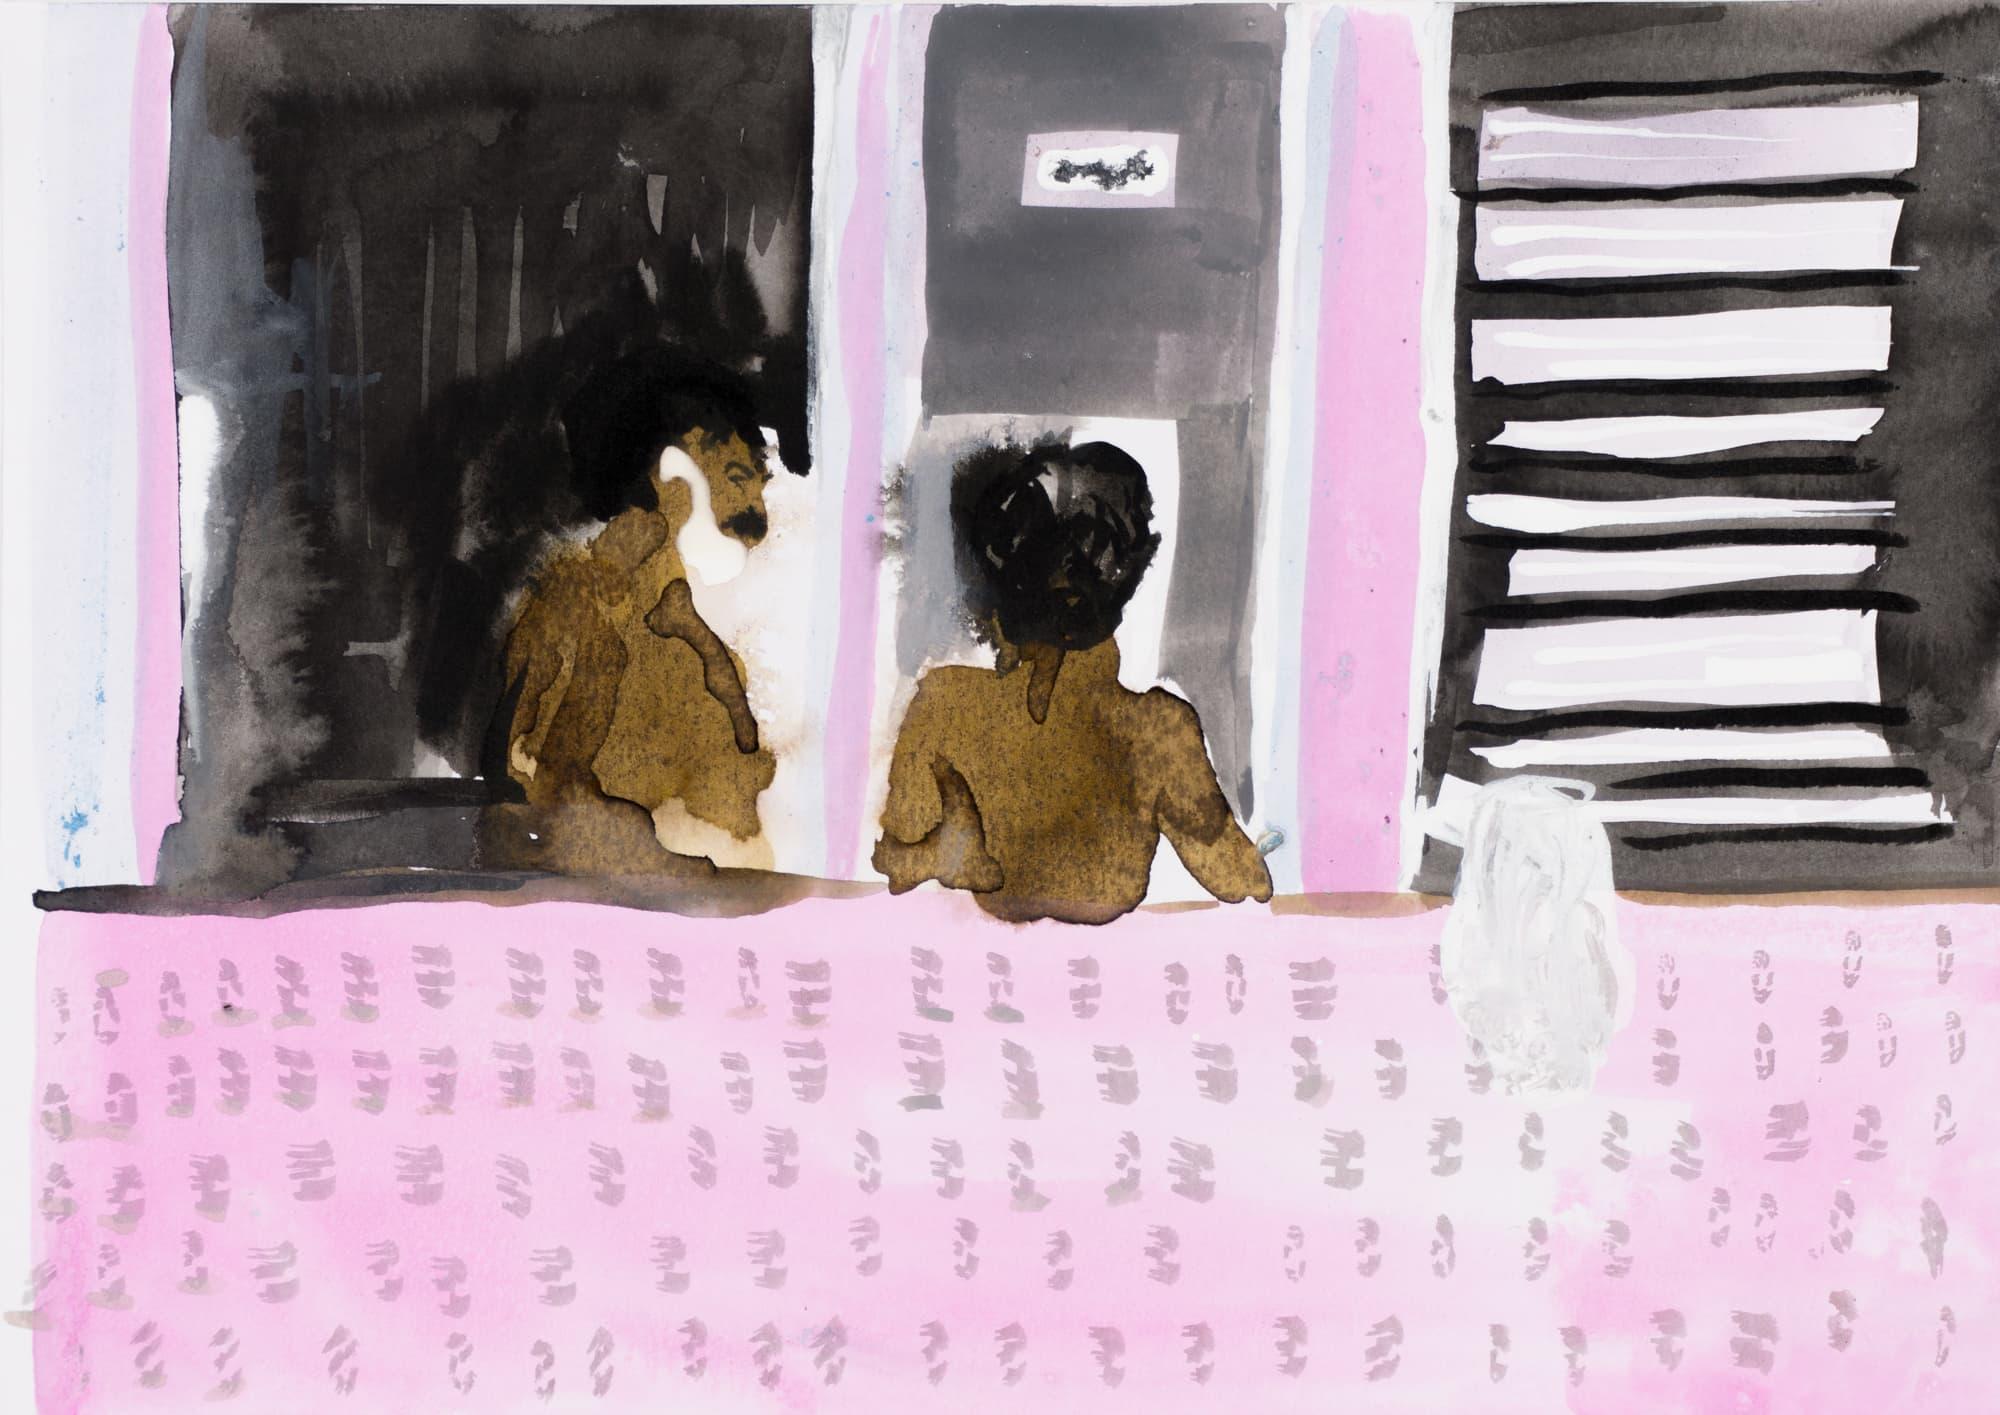 Zeichnung, Tusche auf Papier, 20,9x14,7cm, Medienbild Corona, Künstlerin: Franziska King